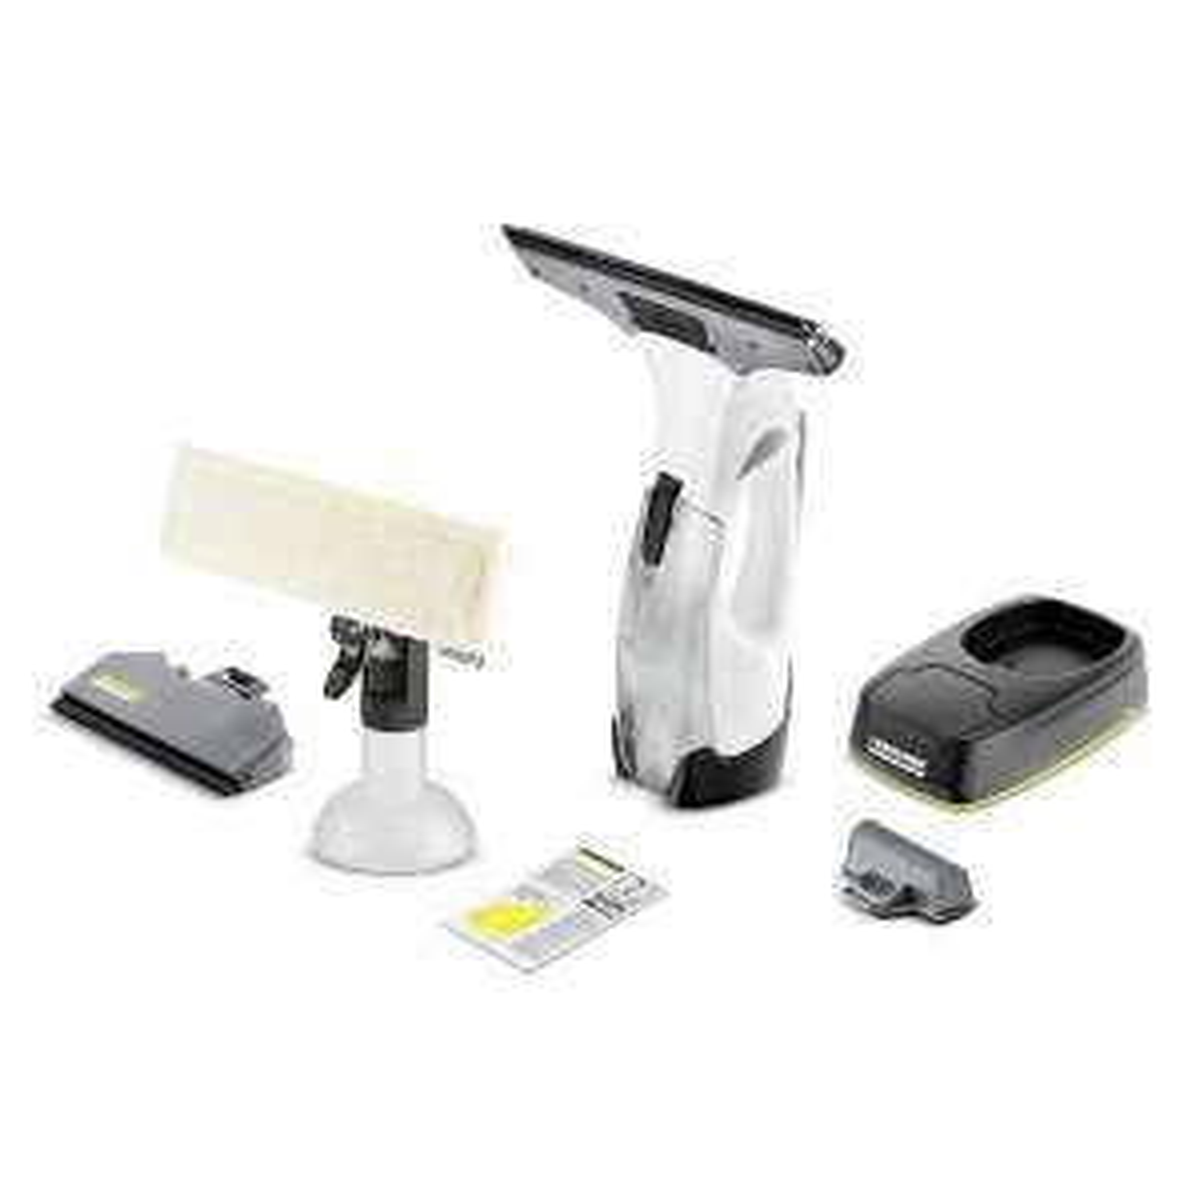 Kärcher WV 5 Premium Non-Stop Cleaning Kit Fenstersauger weiß [Euronics, Newsletter]